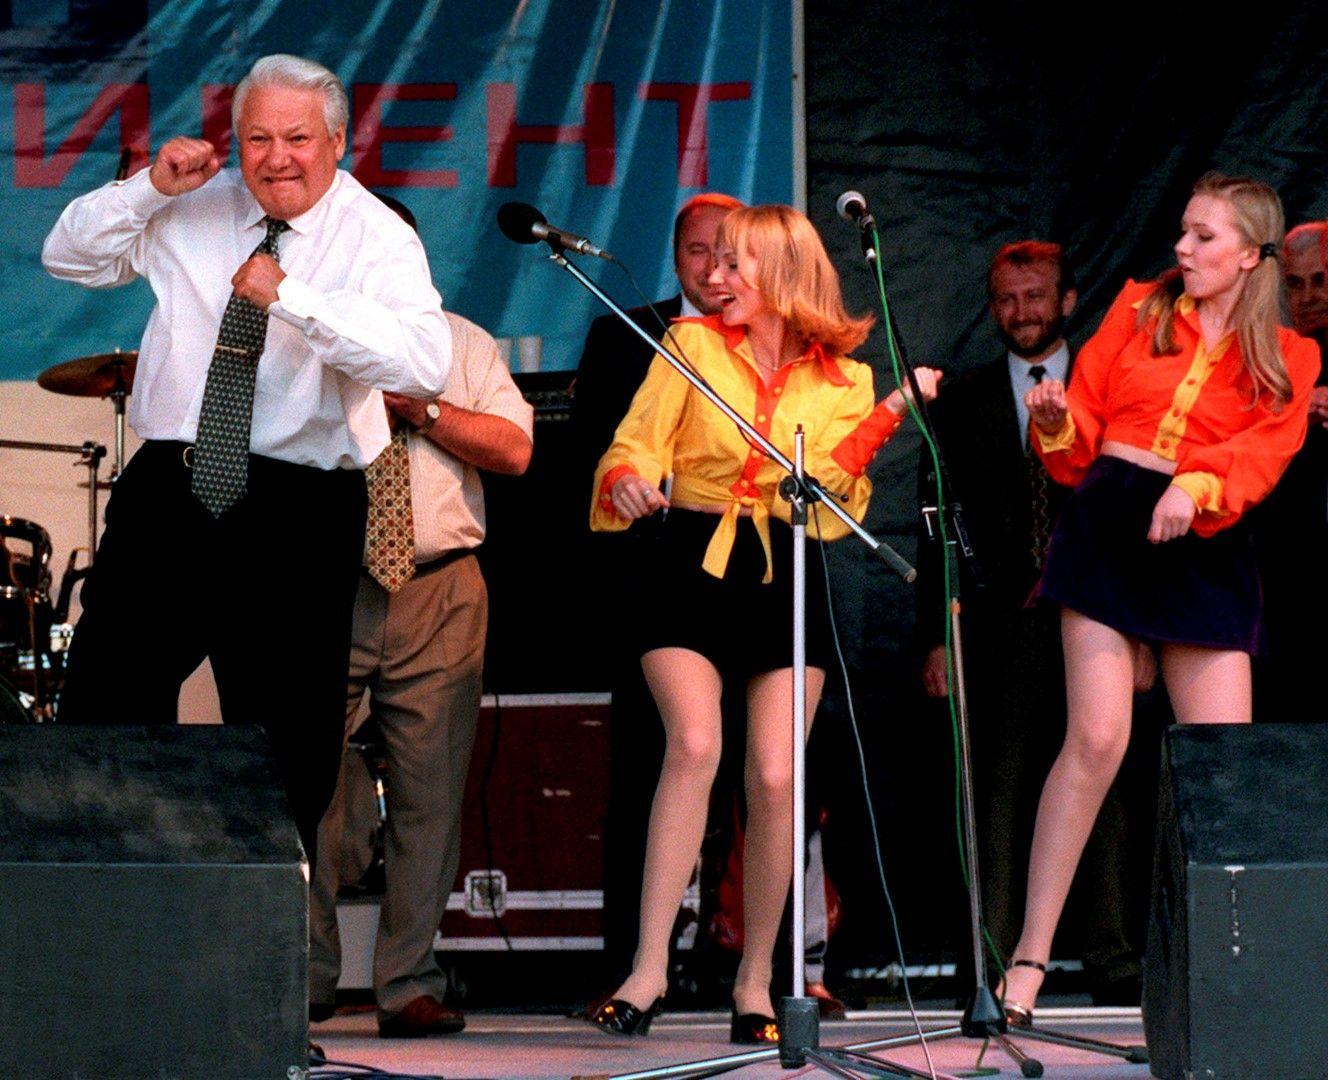 Руският президент Борис Елцин танцува на рок концерт след пристигането си в Ростов, 10 юни 1996 г.